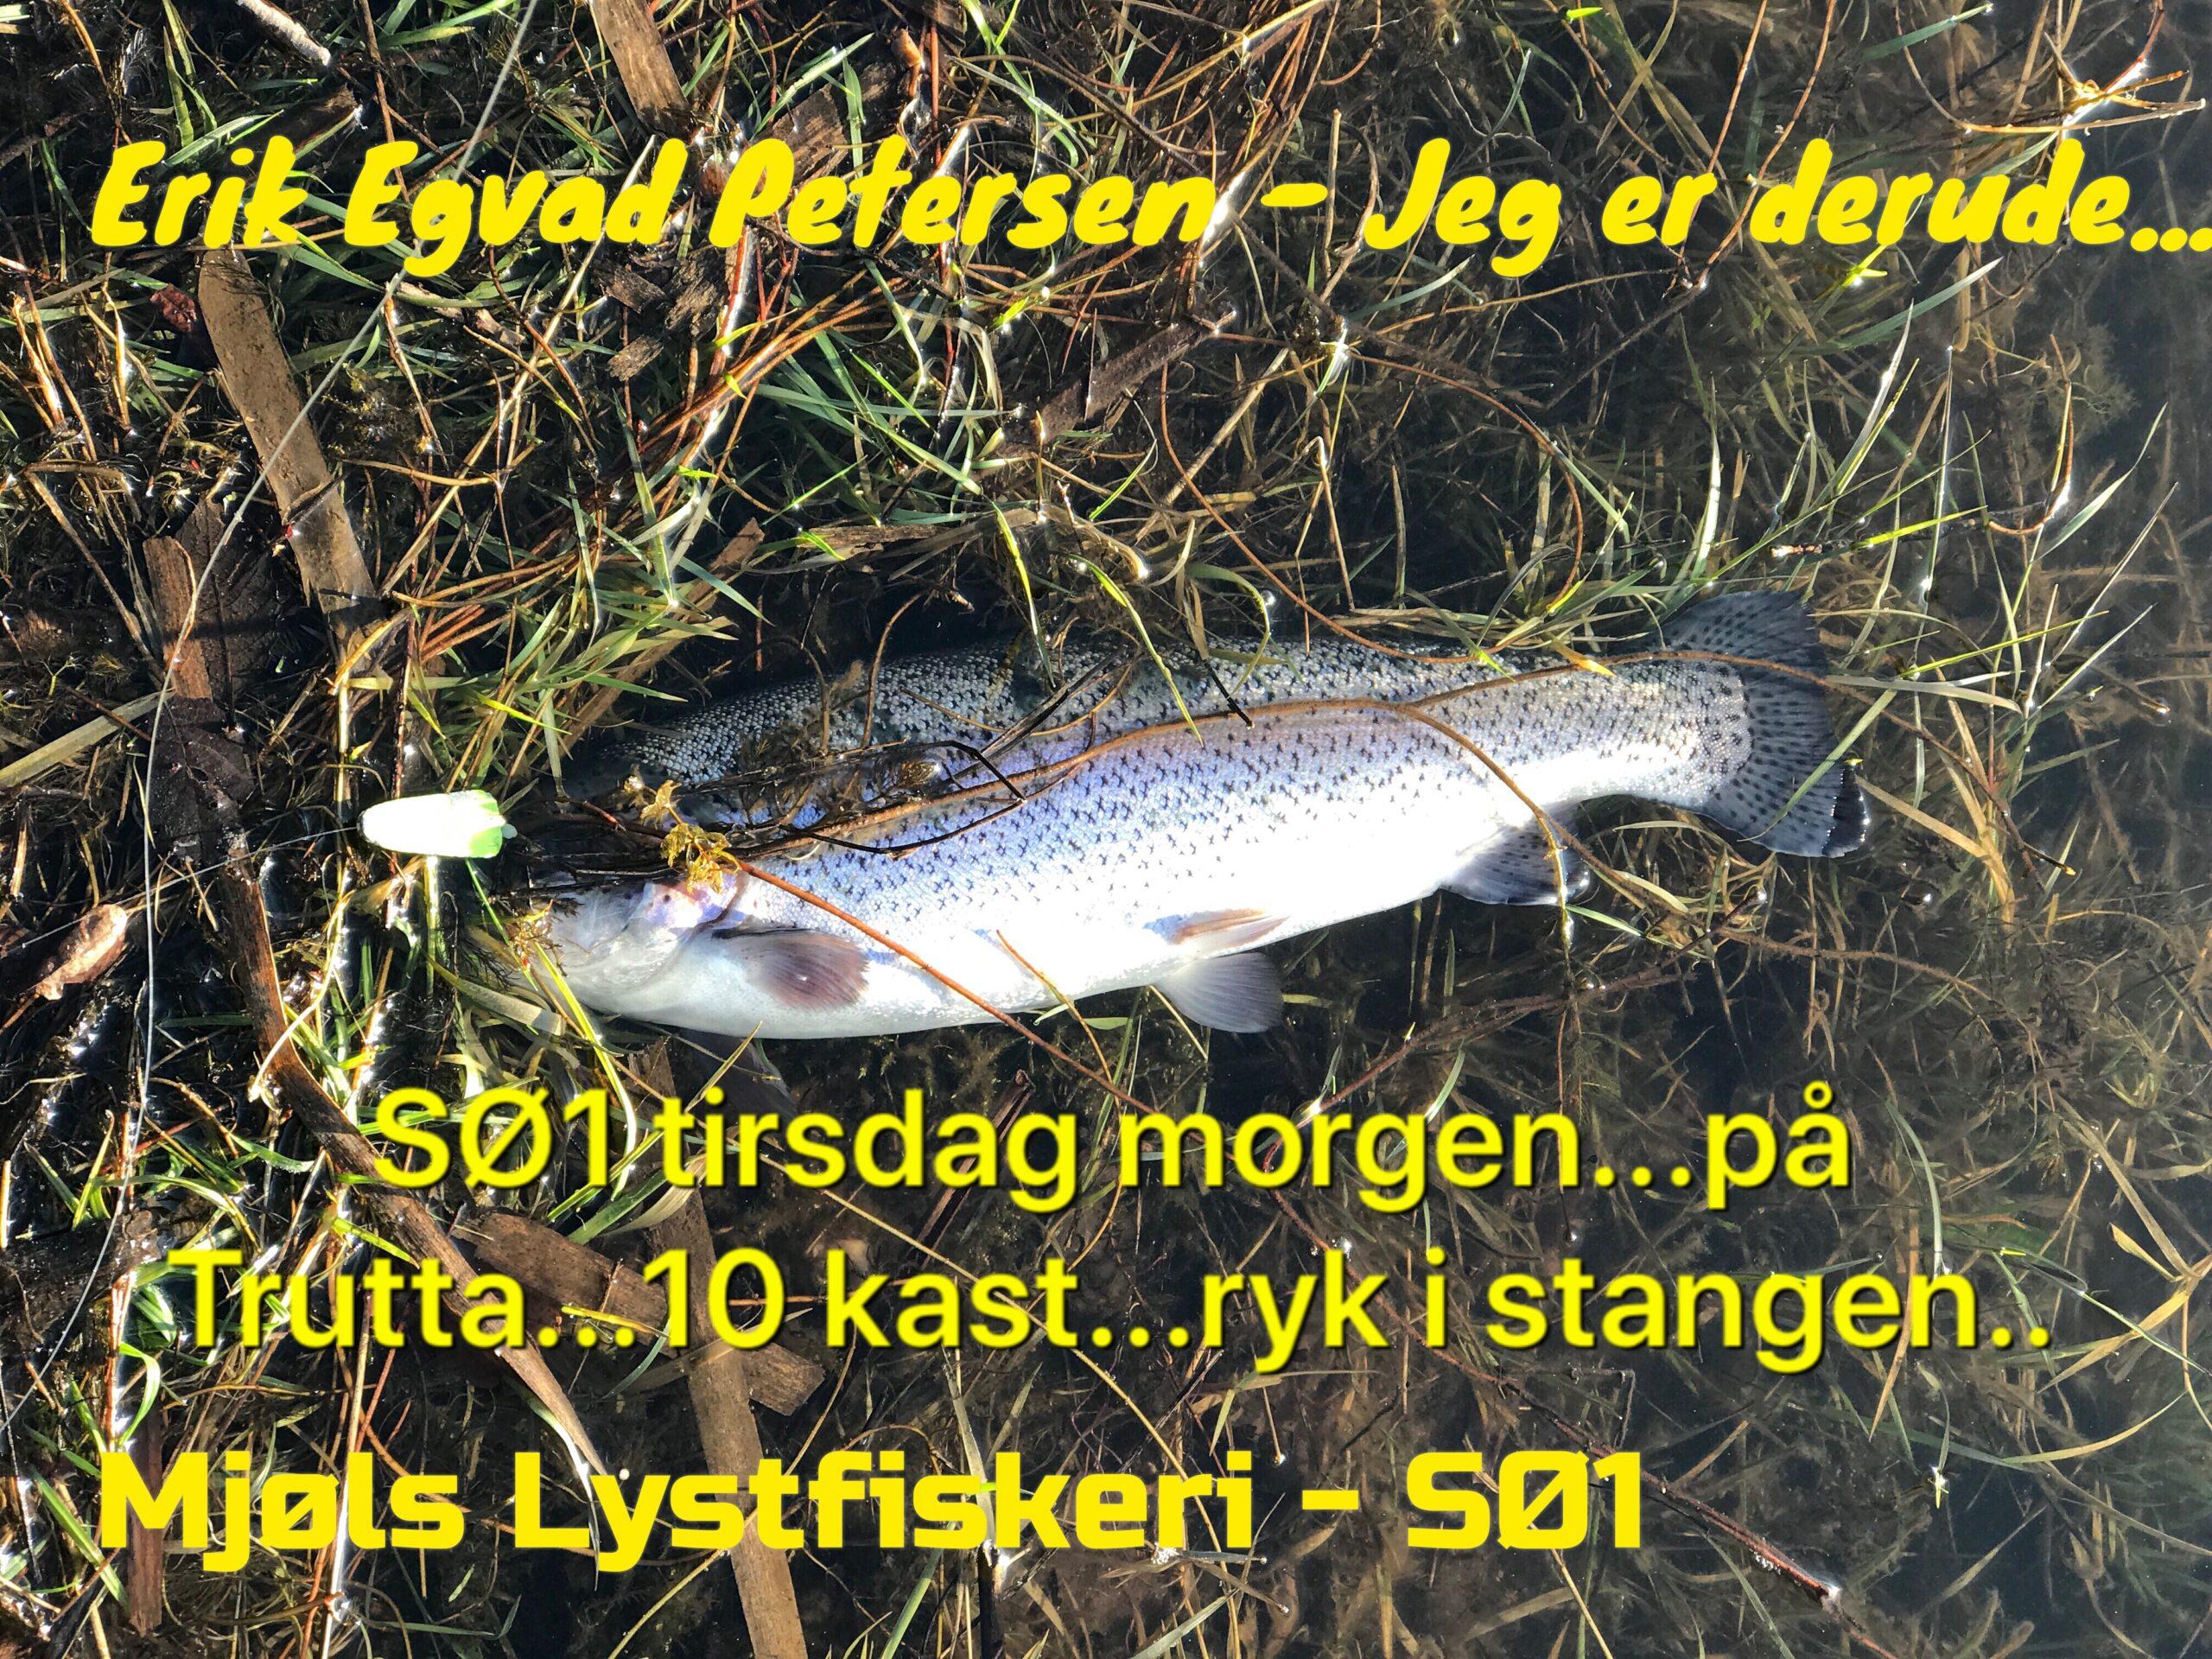 SE VIDEO – Mjøls Lystfiskeri: De huggede også tirsdag morgen